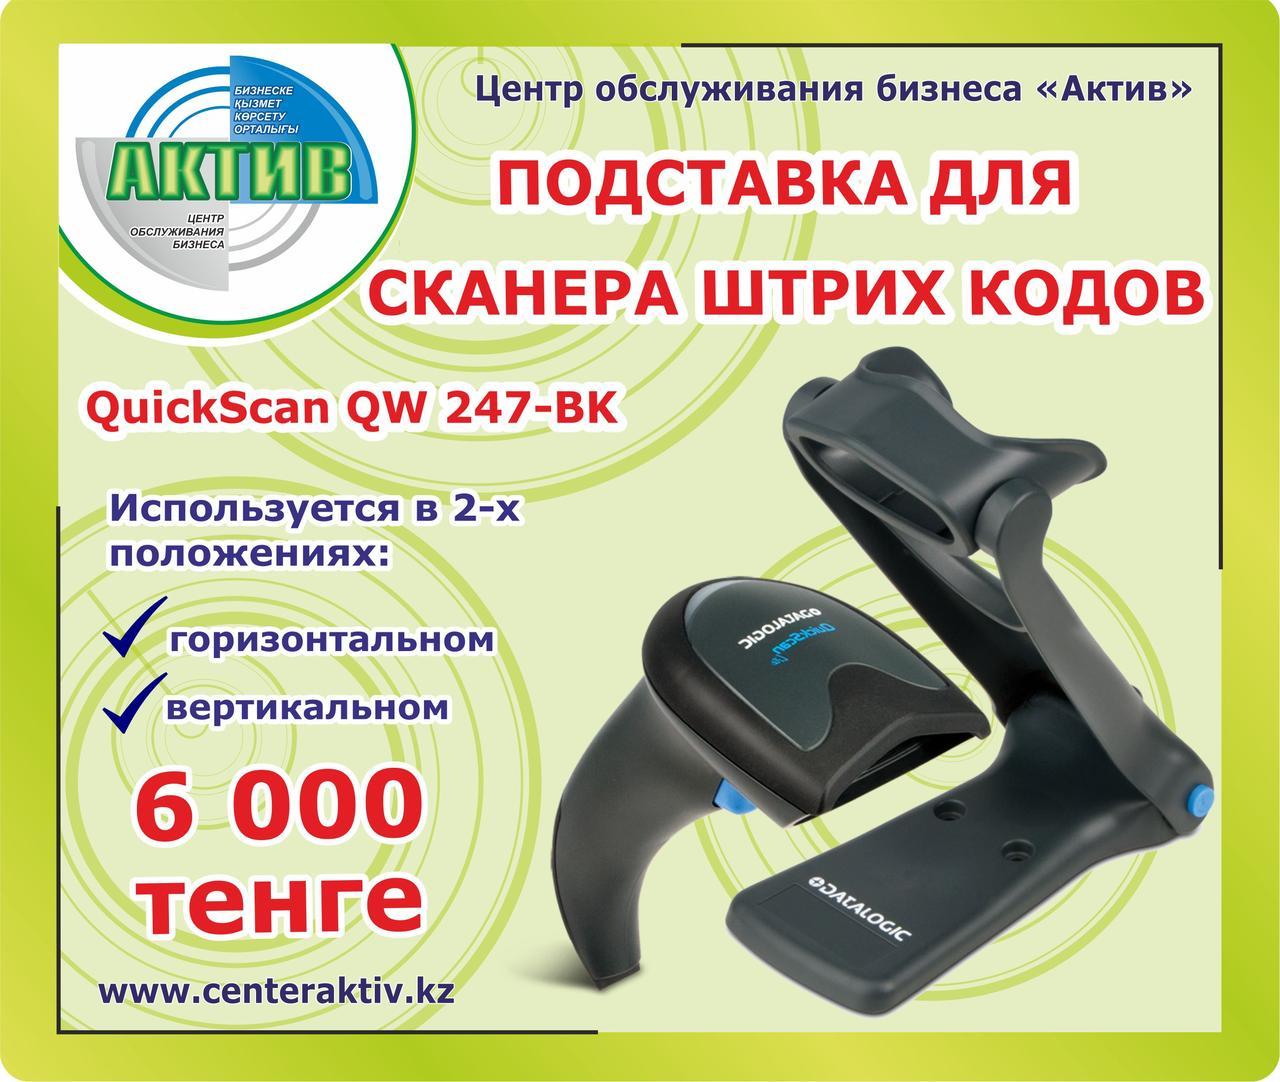 Подставка для сканера штрих кода QuickScan 2470-BK. Сканер штрихкодов.